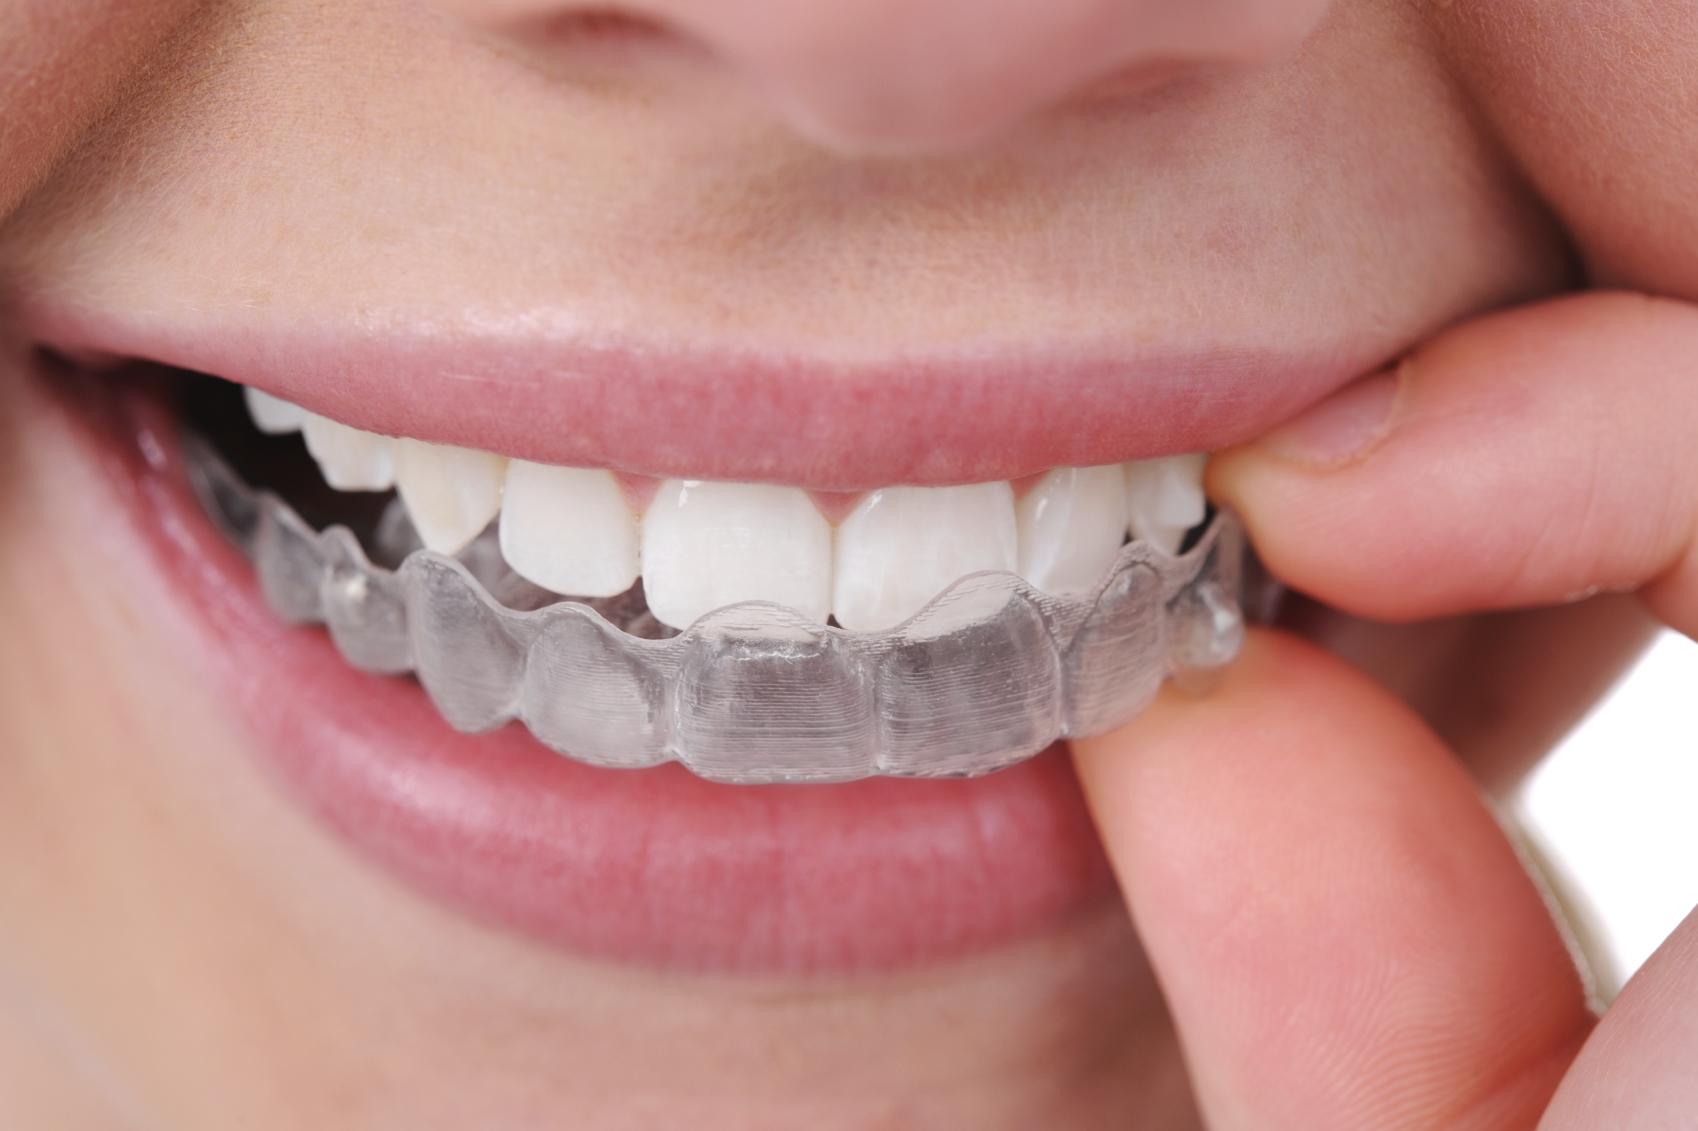 Alinea tus dientes con Invisalign, ¡todo son ventajas!